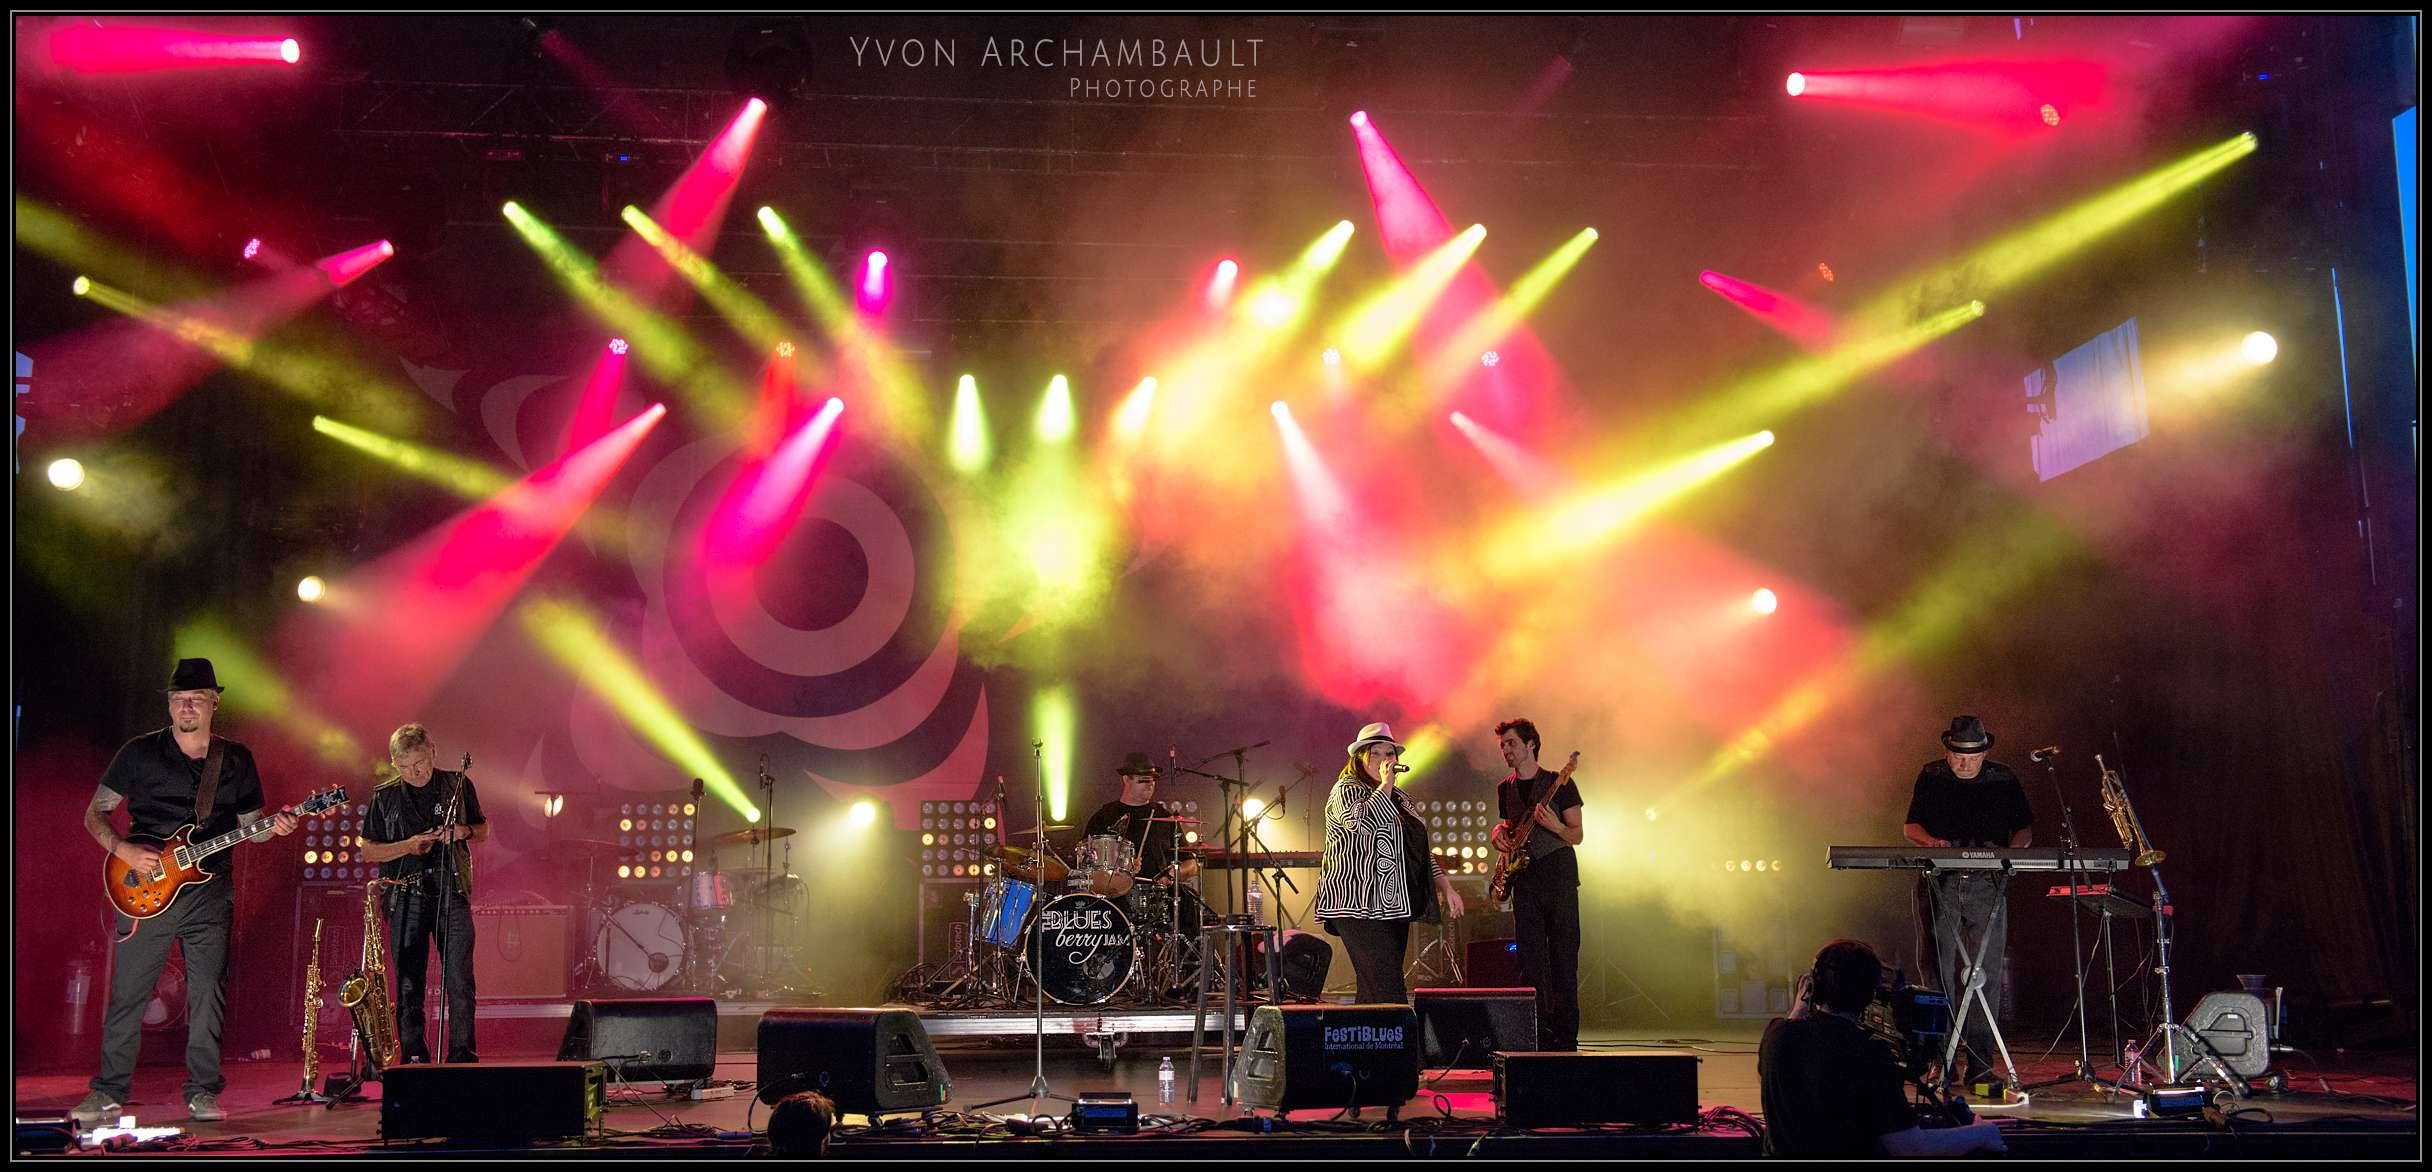 Festiblues de Montréal - Top 10 des festivals d'été au Québec - Nomad Junkies